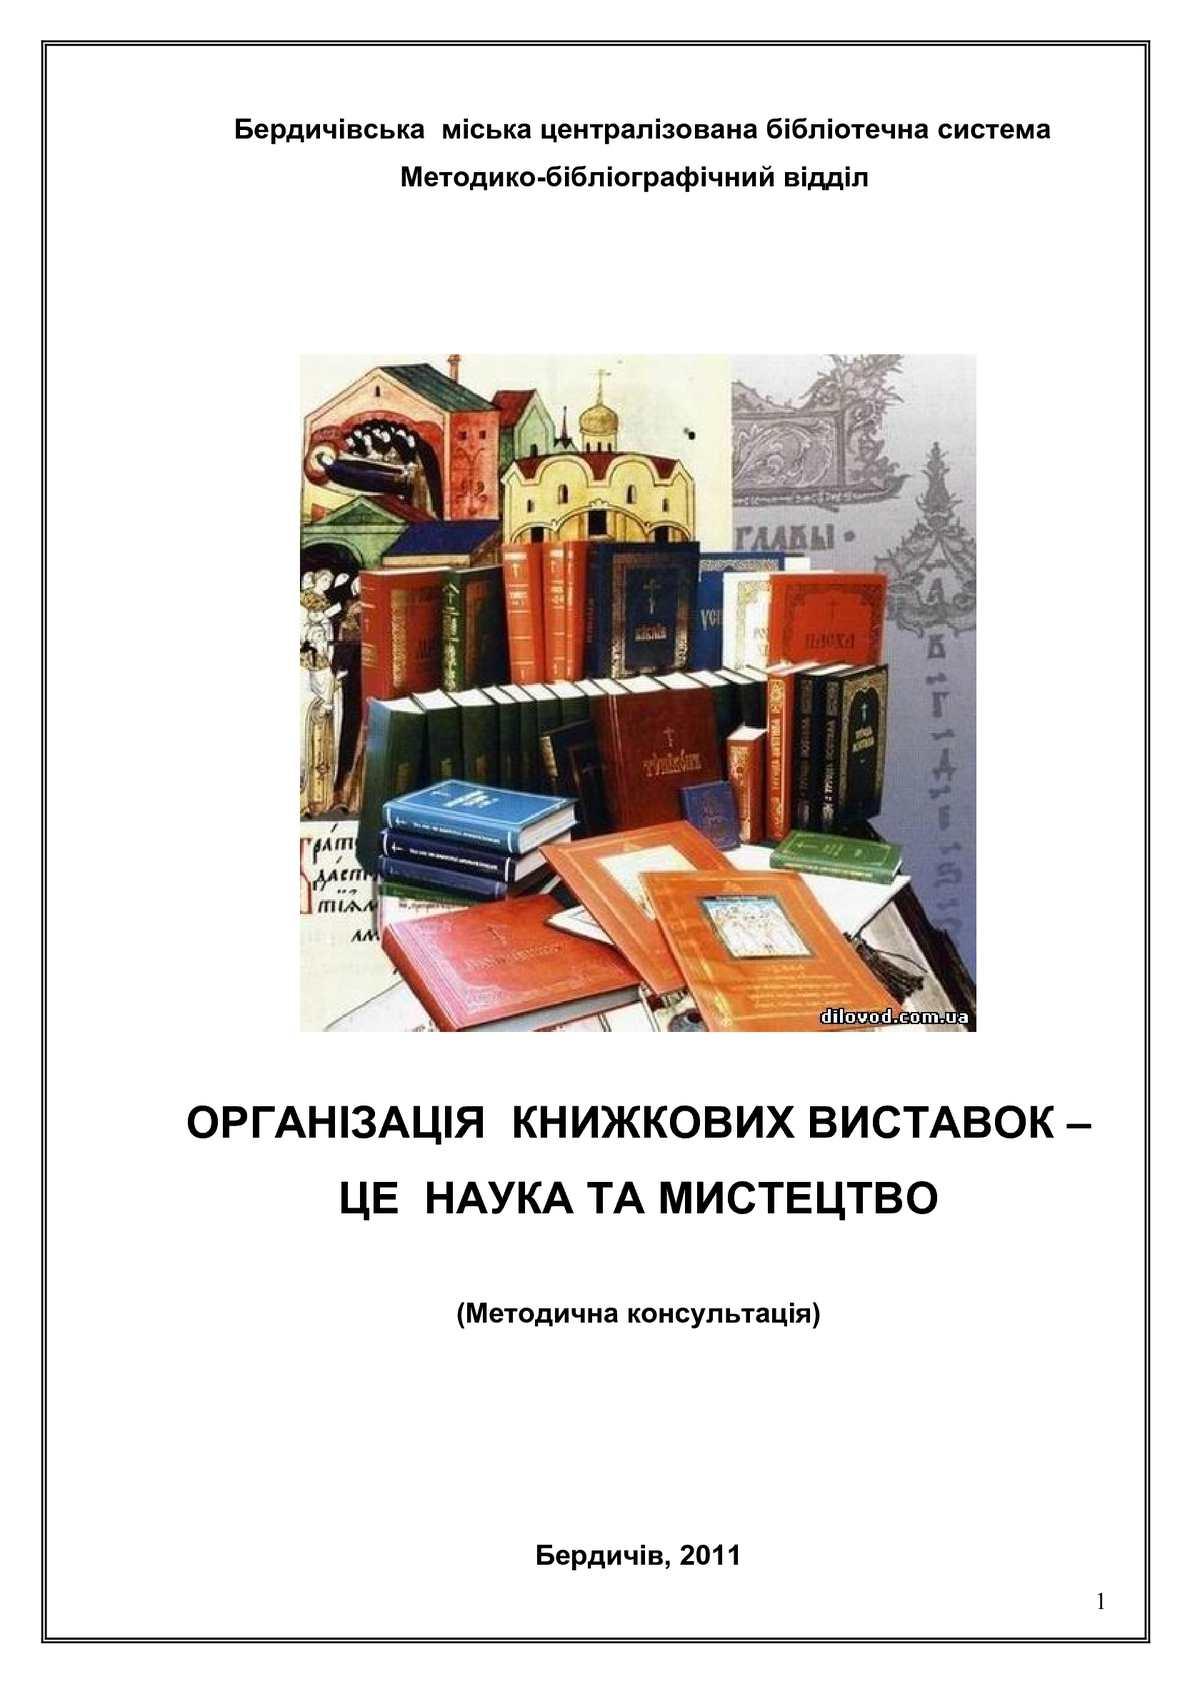 Calaméo - Книжкові виставки ff8ac59201a97